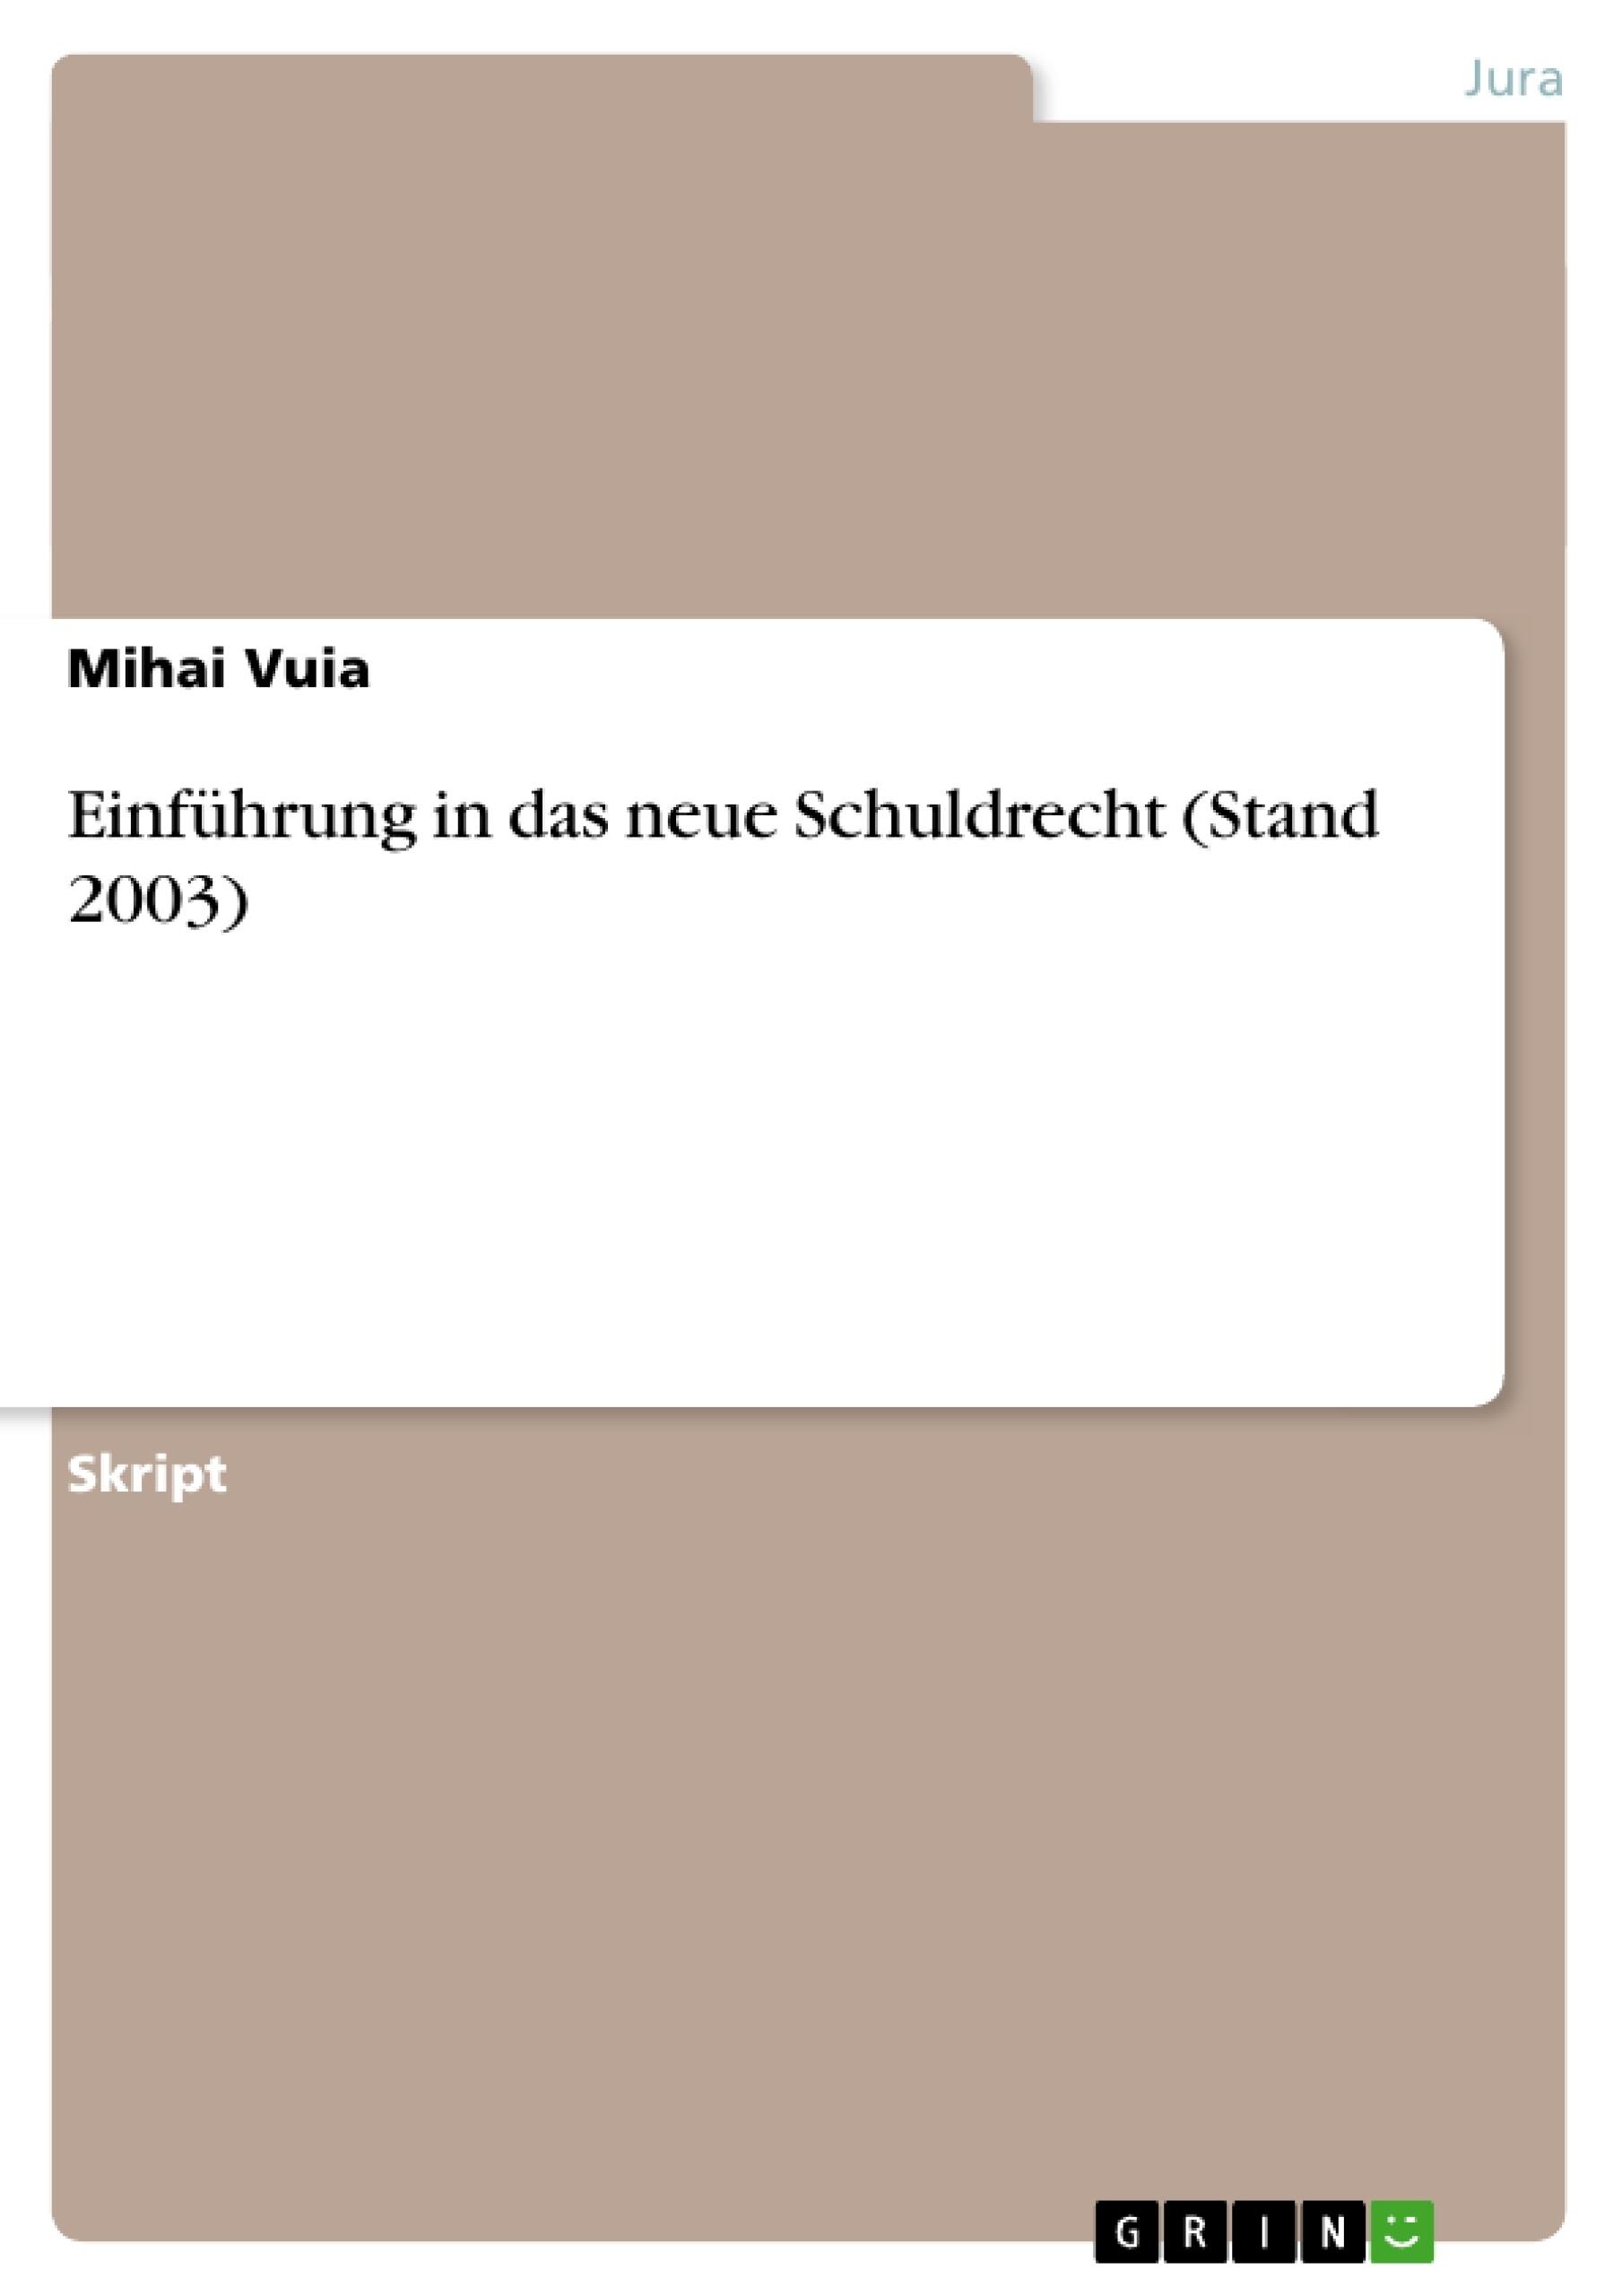 Titel: Einführung in das neue Schuldrecht (Stand 2003)